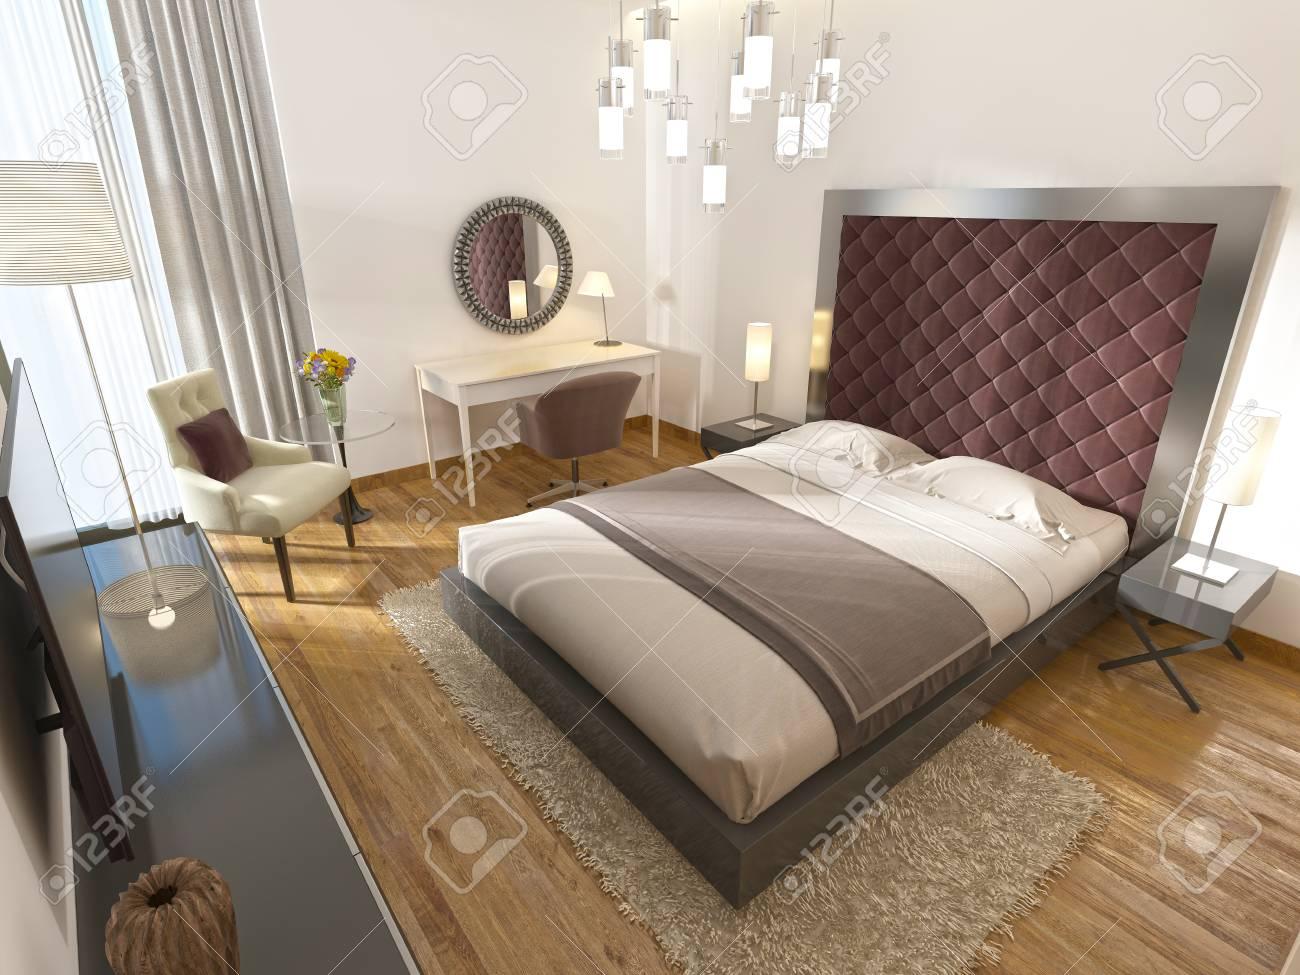 Une Chambre D\'hôtel De Luxe Dans L\'art Déco. Avec Un Grand Lit, D ...